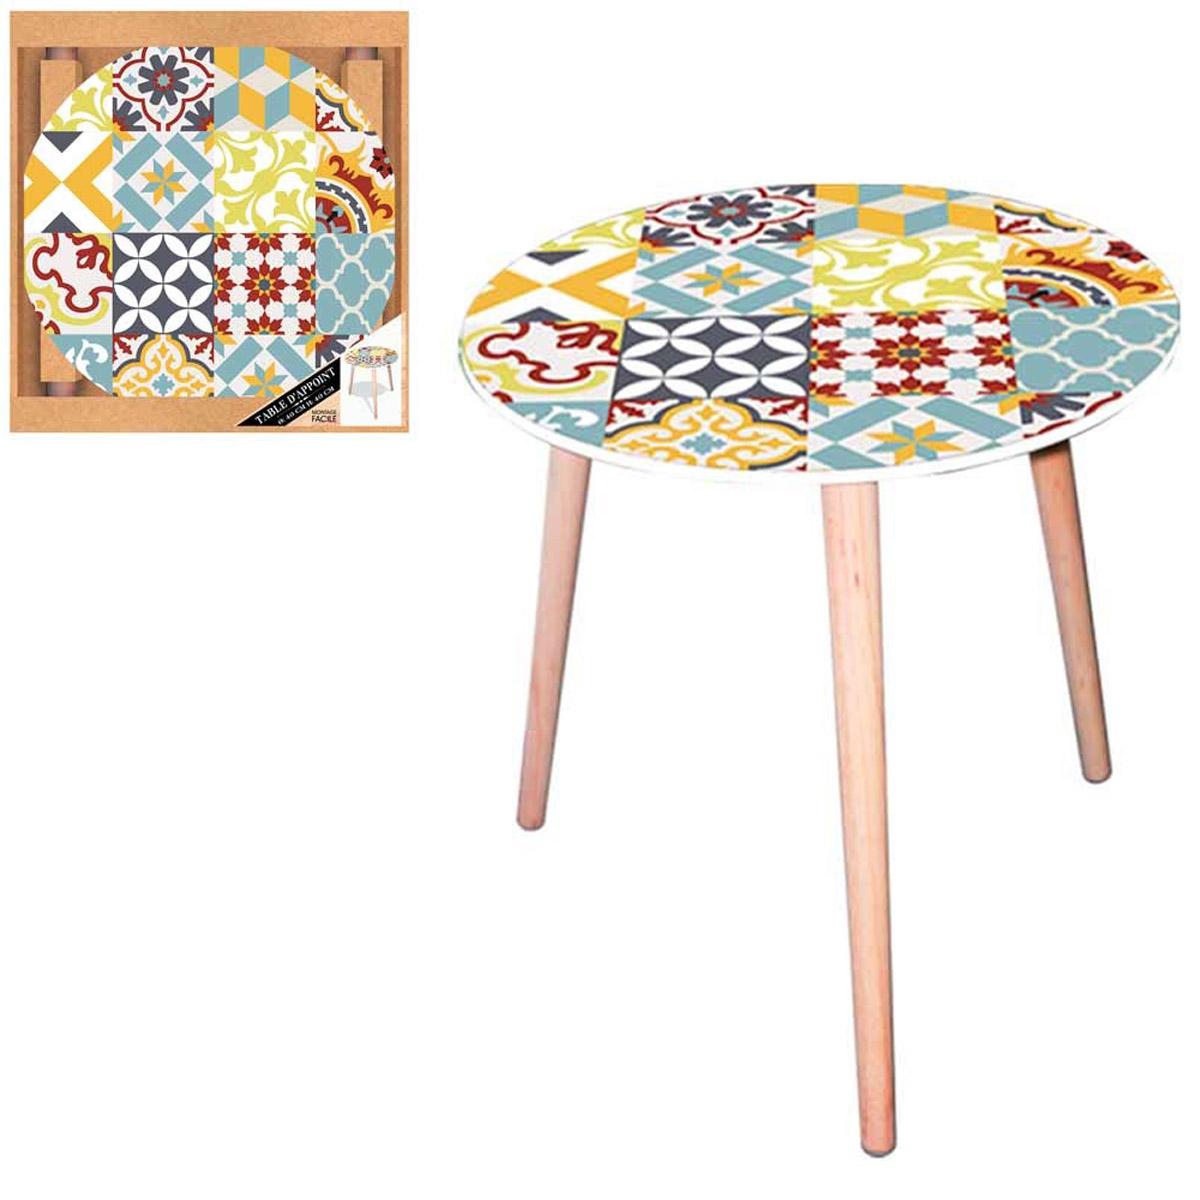 Table ronde résine \'Boho\' multicolore (carreaux de mosaïque) - 40 cm - [Q5145]